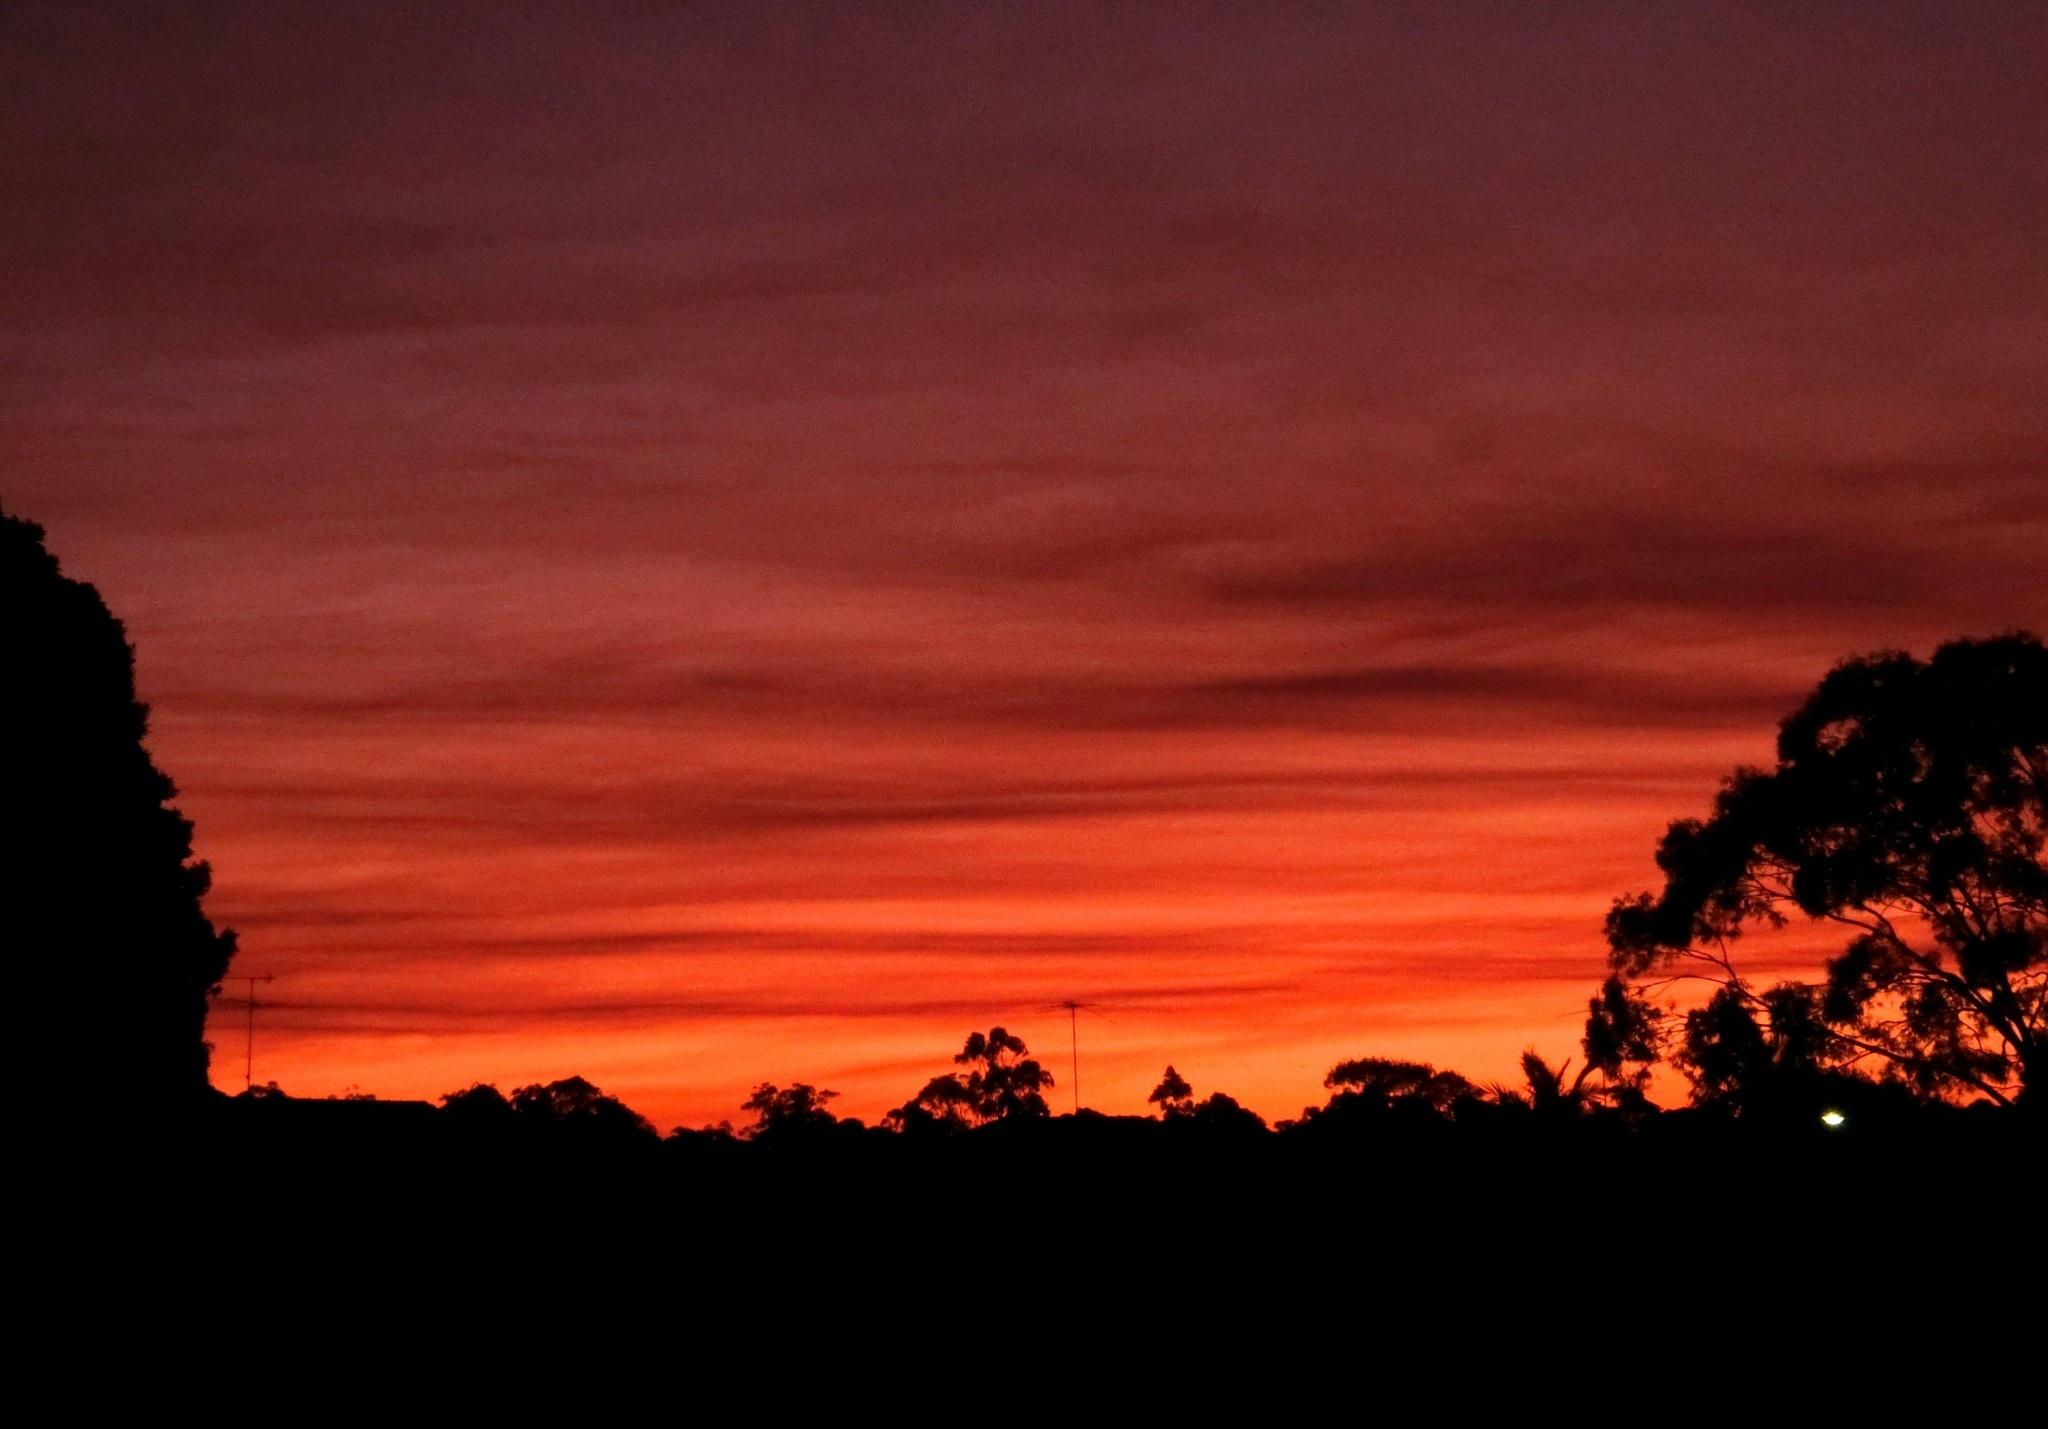 Sunset, Sydney by pop88123